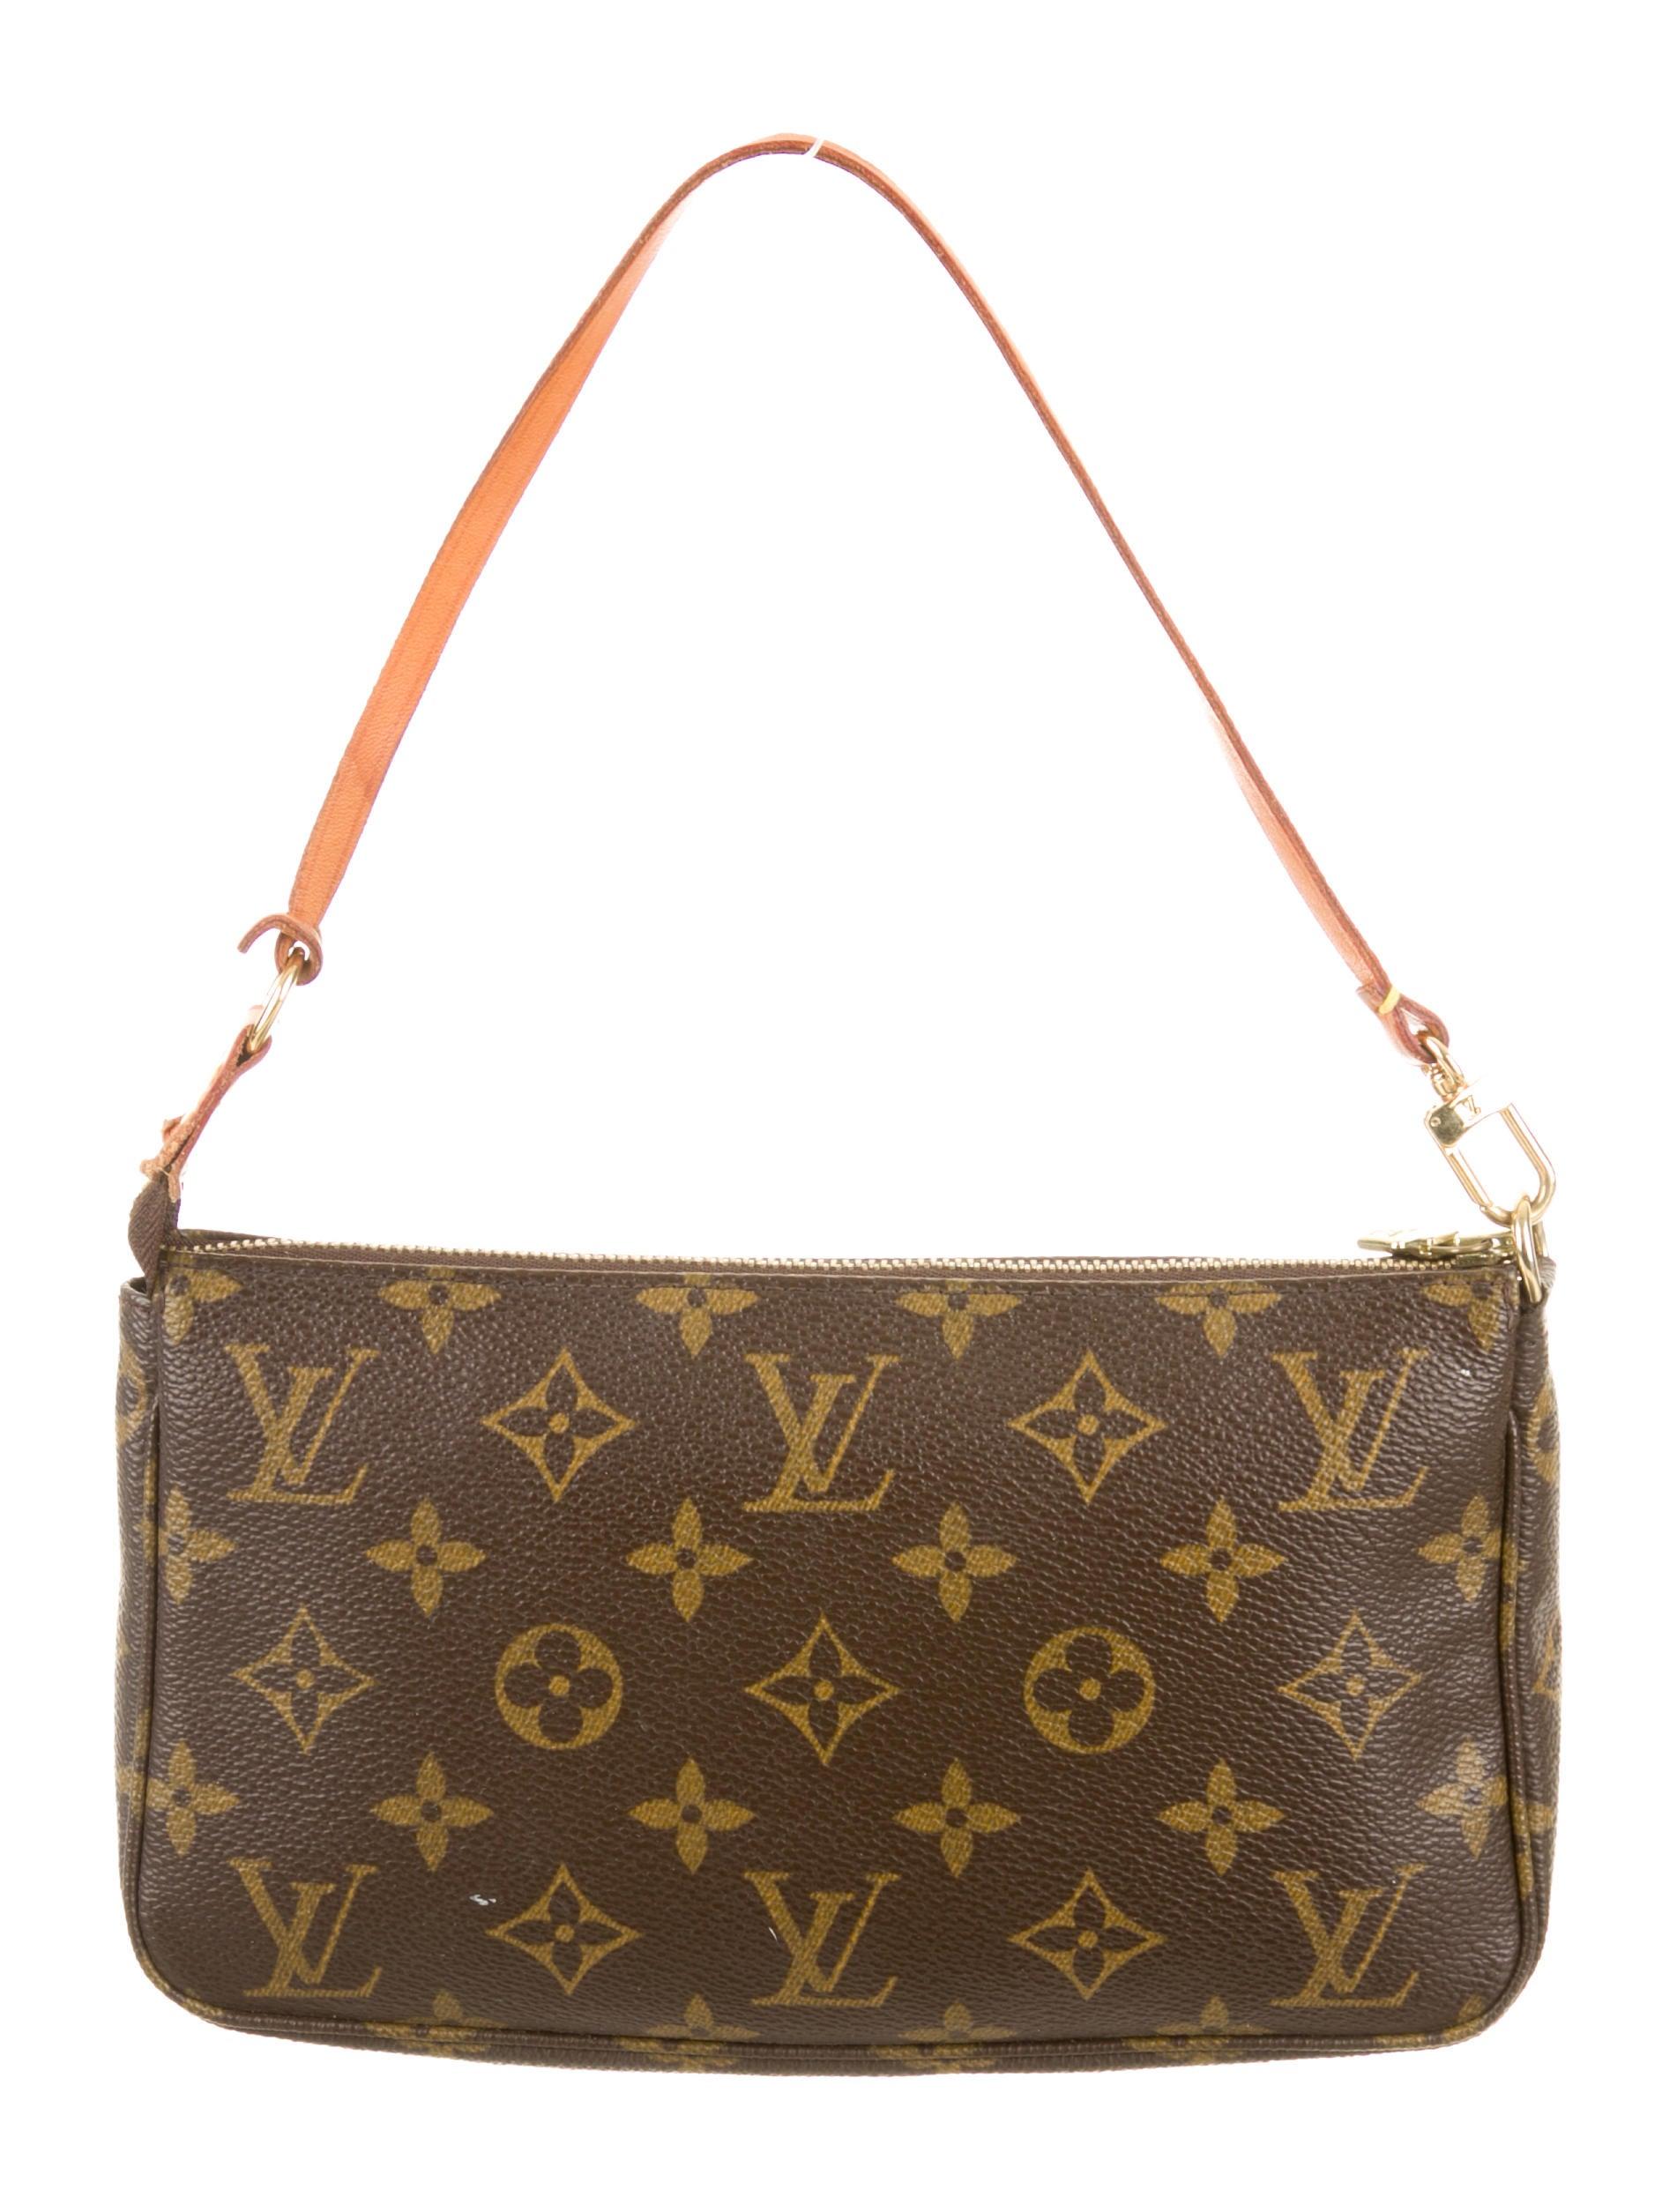 louis vuitton pochette accessoires handbags lou57902. Black Bedroom Furniture Sets. Home Design Ideas